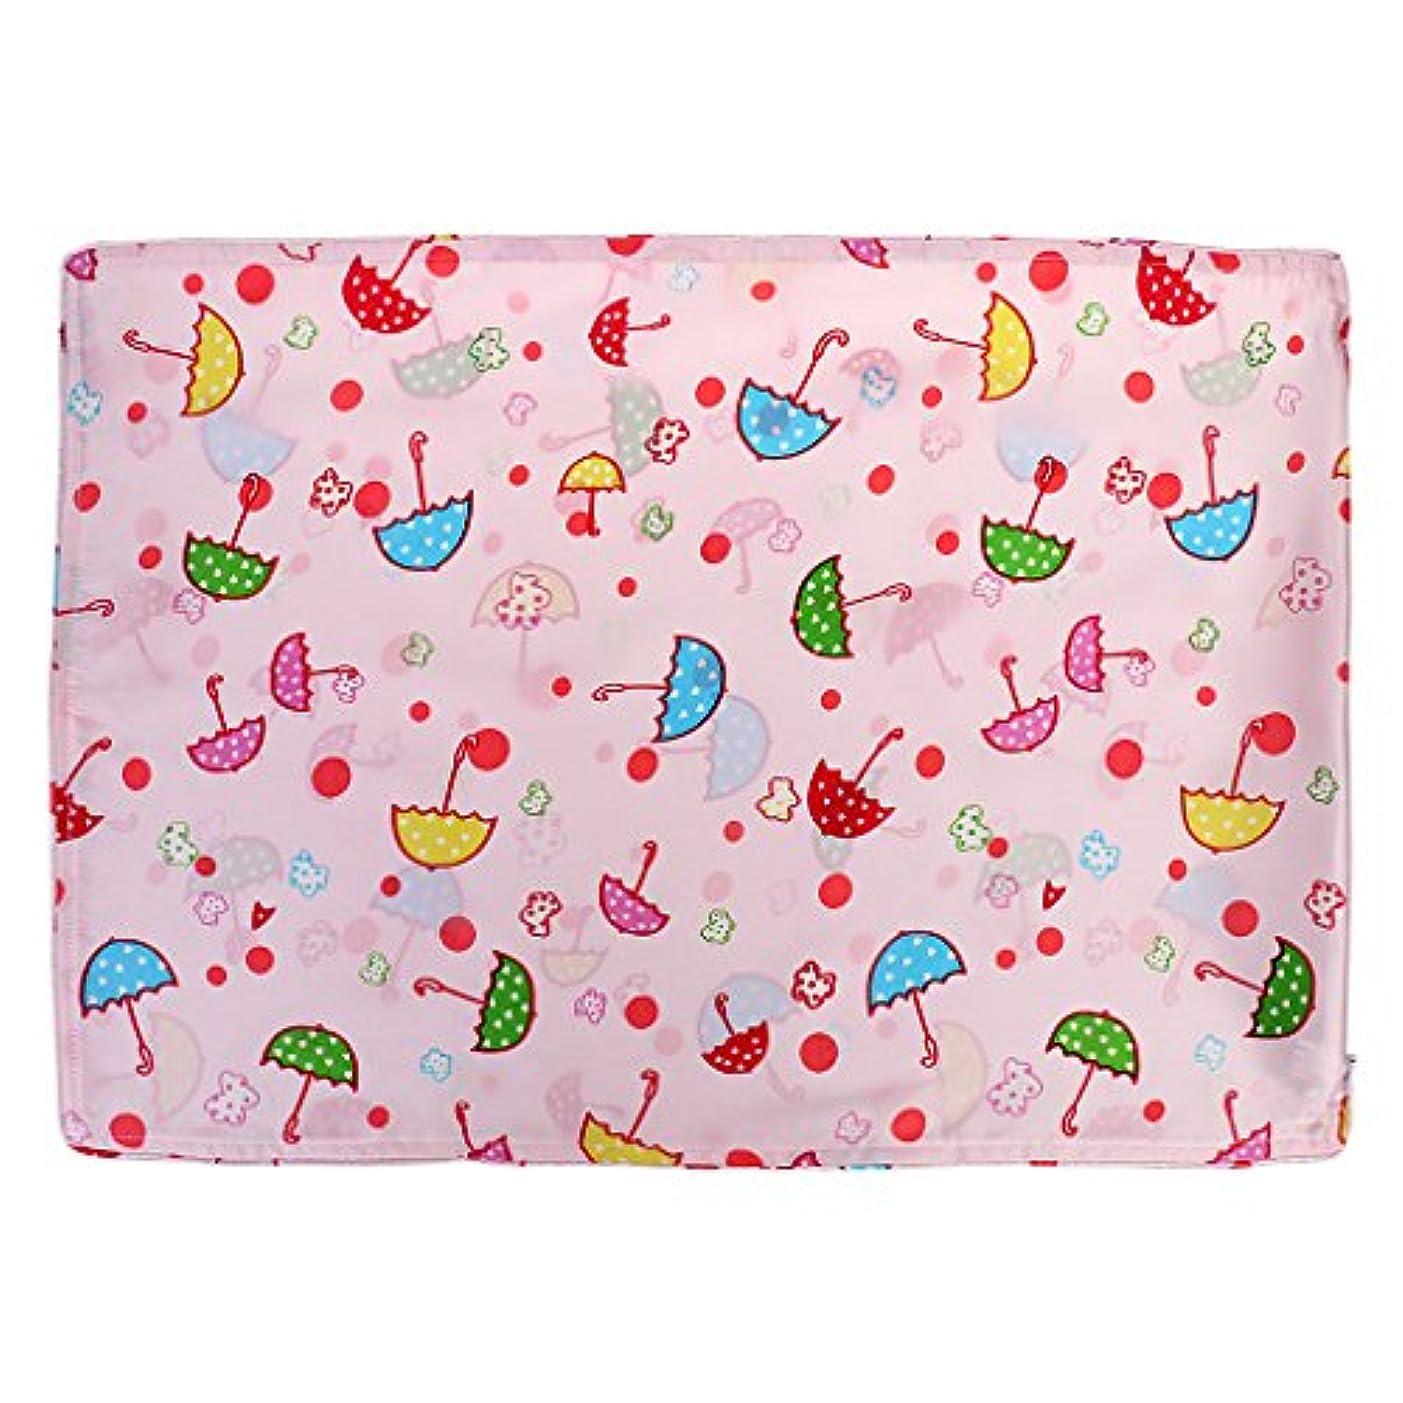 投獄学校教育王朝かわいい赤ちゃんキッズ100%シルクサテン両面枕カバー30 * 45センチメートル傘ピンク